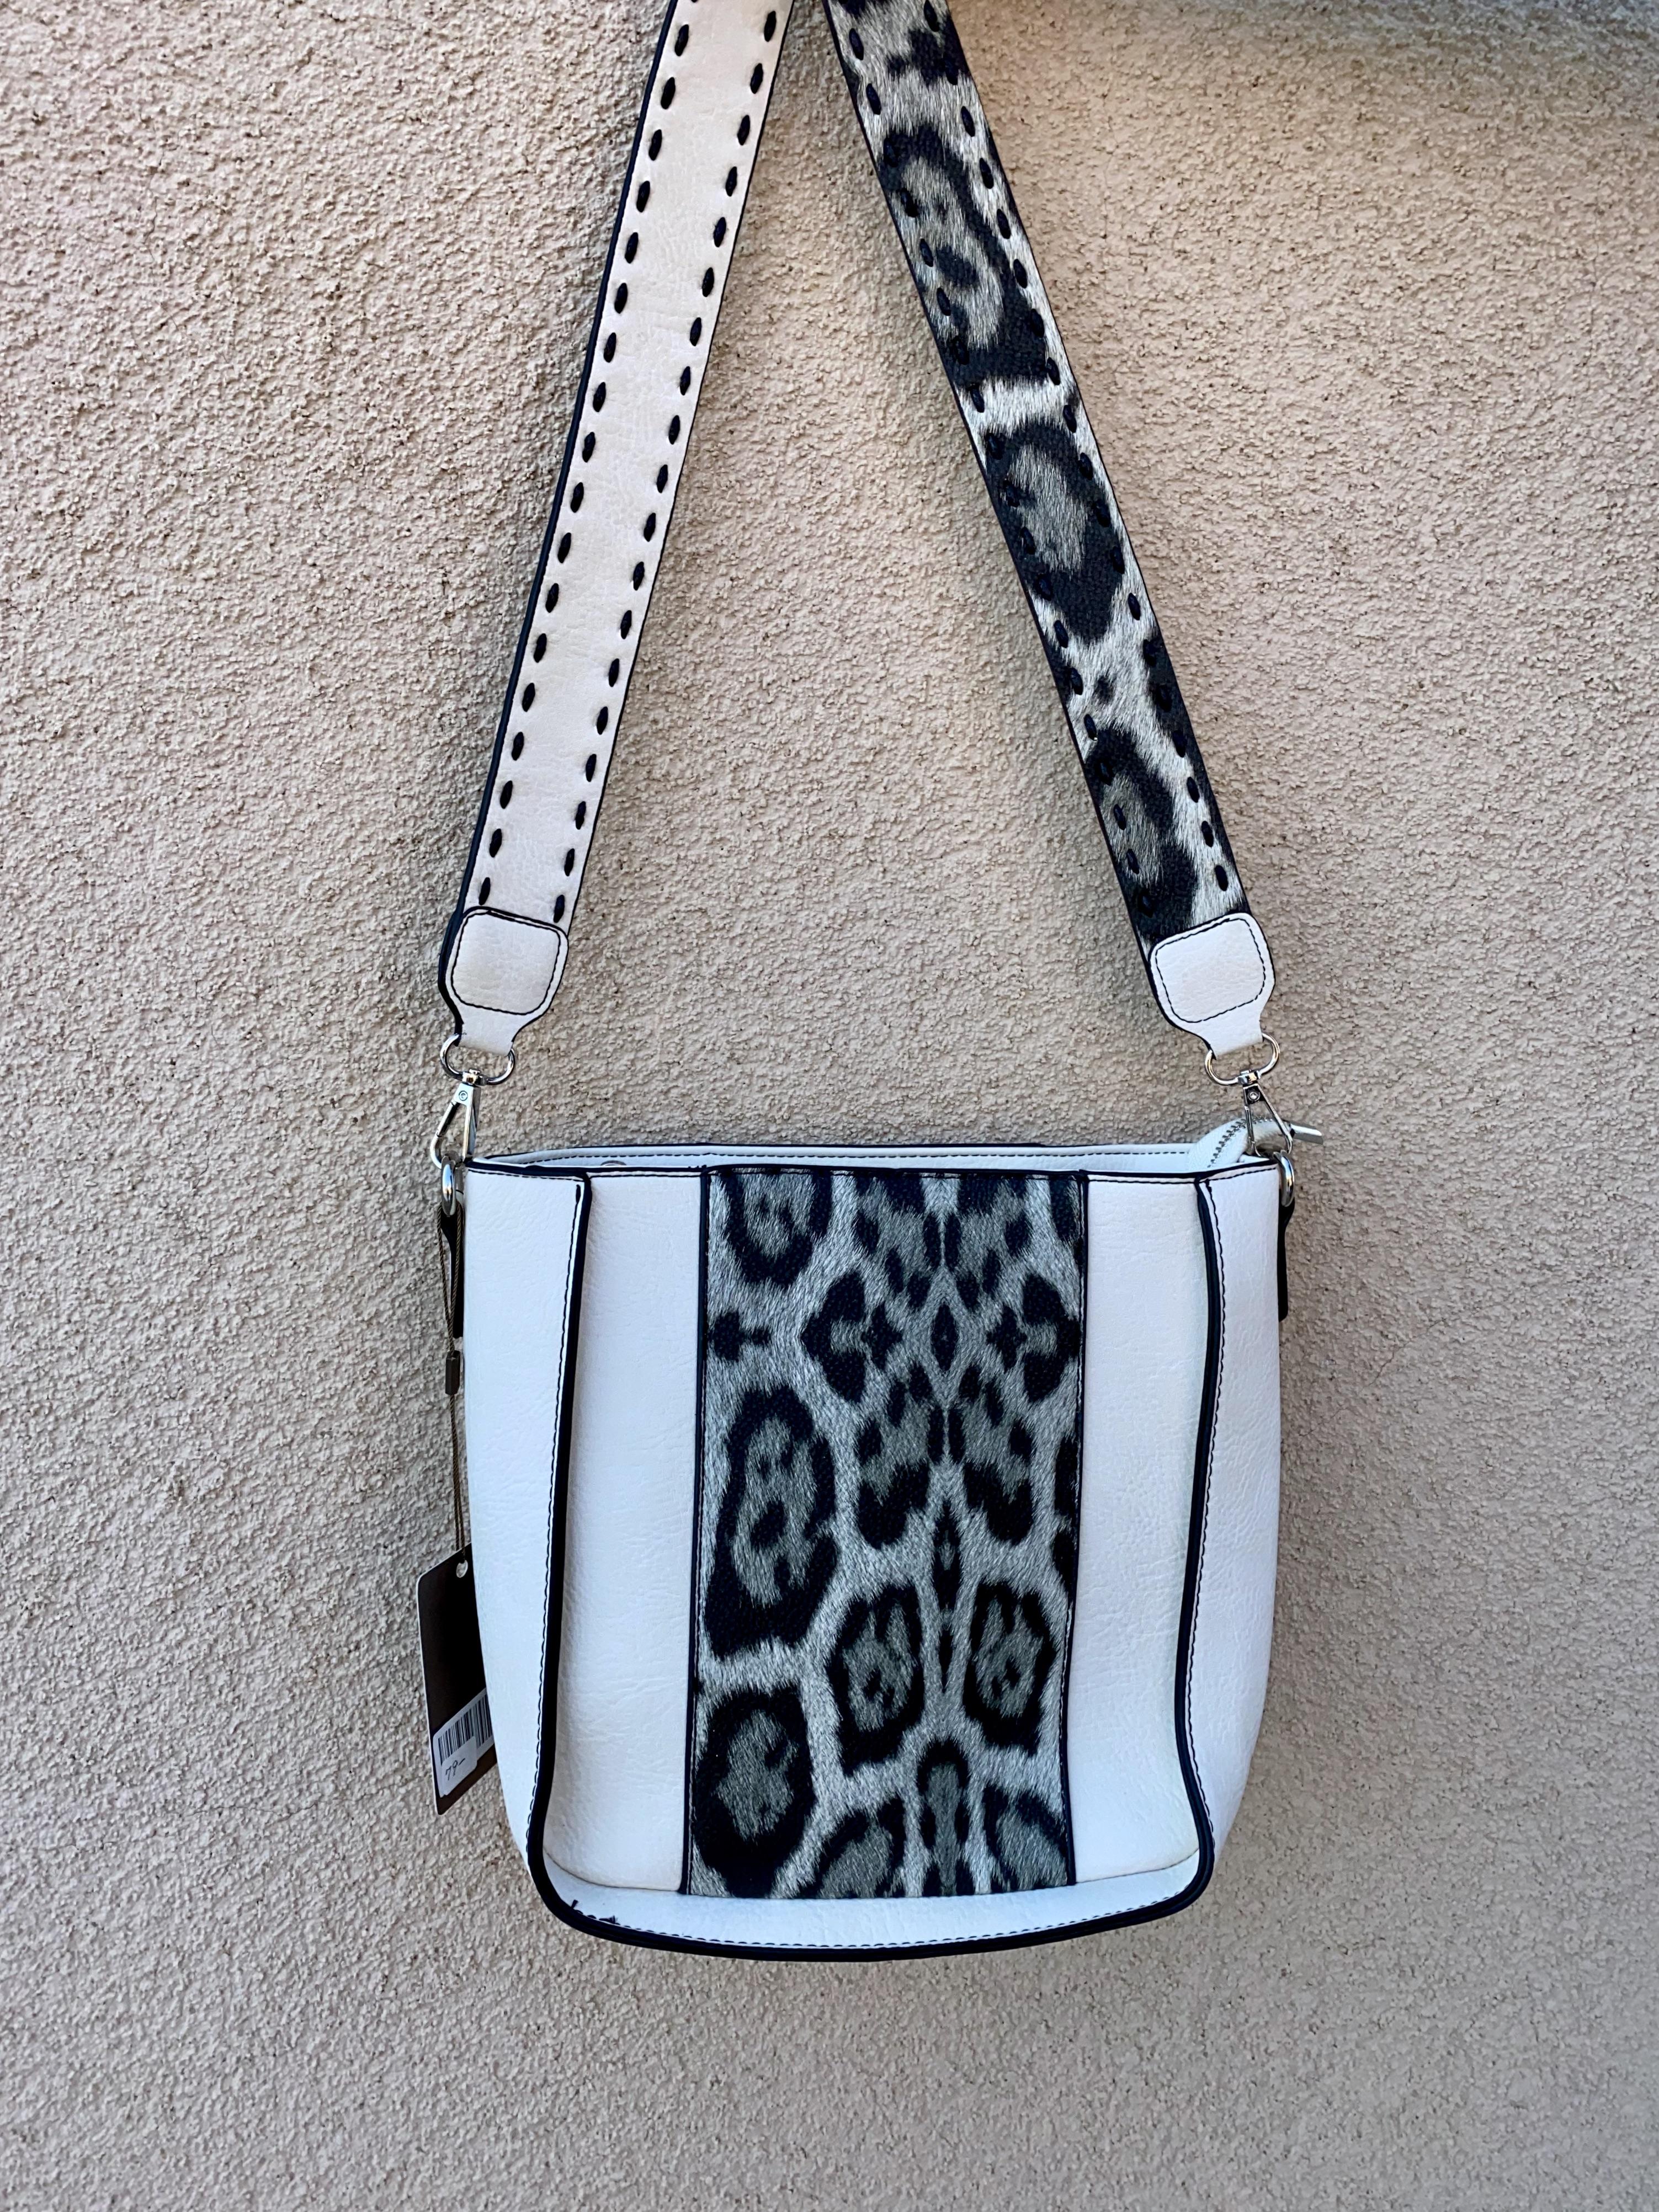 Treska bag $79